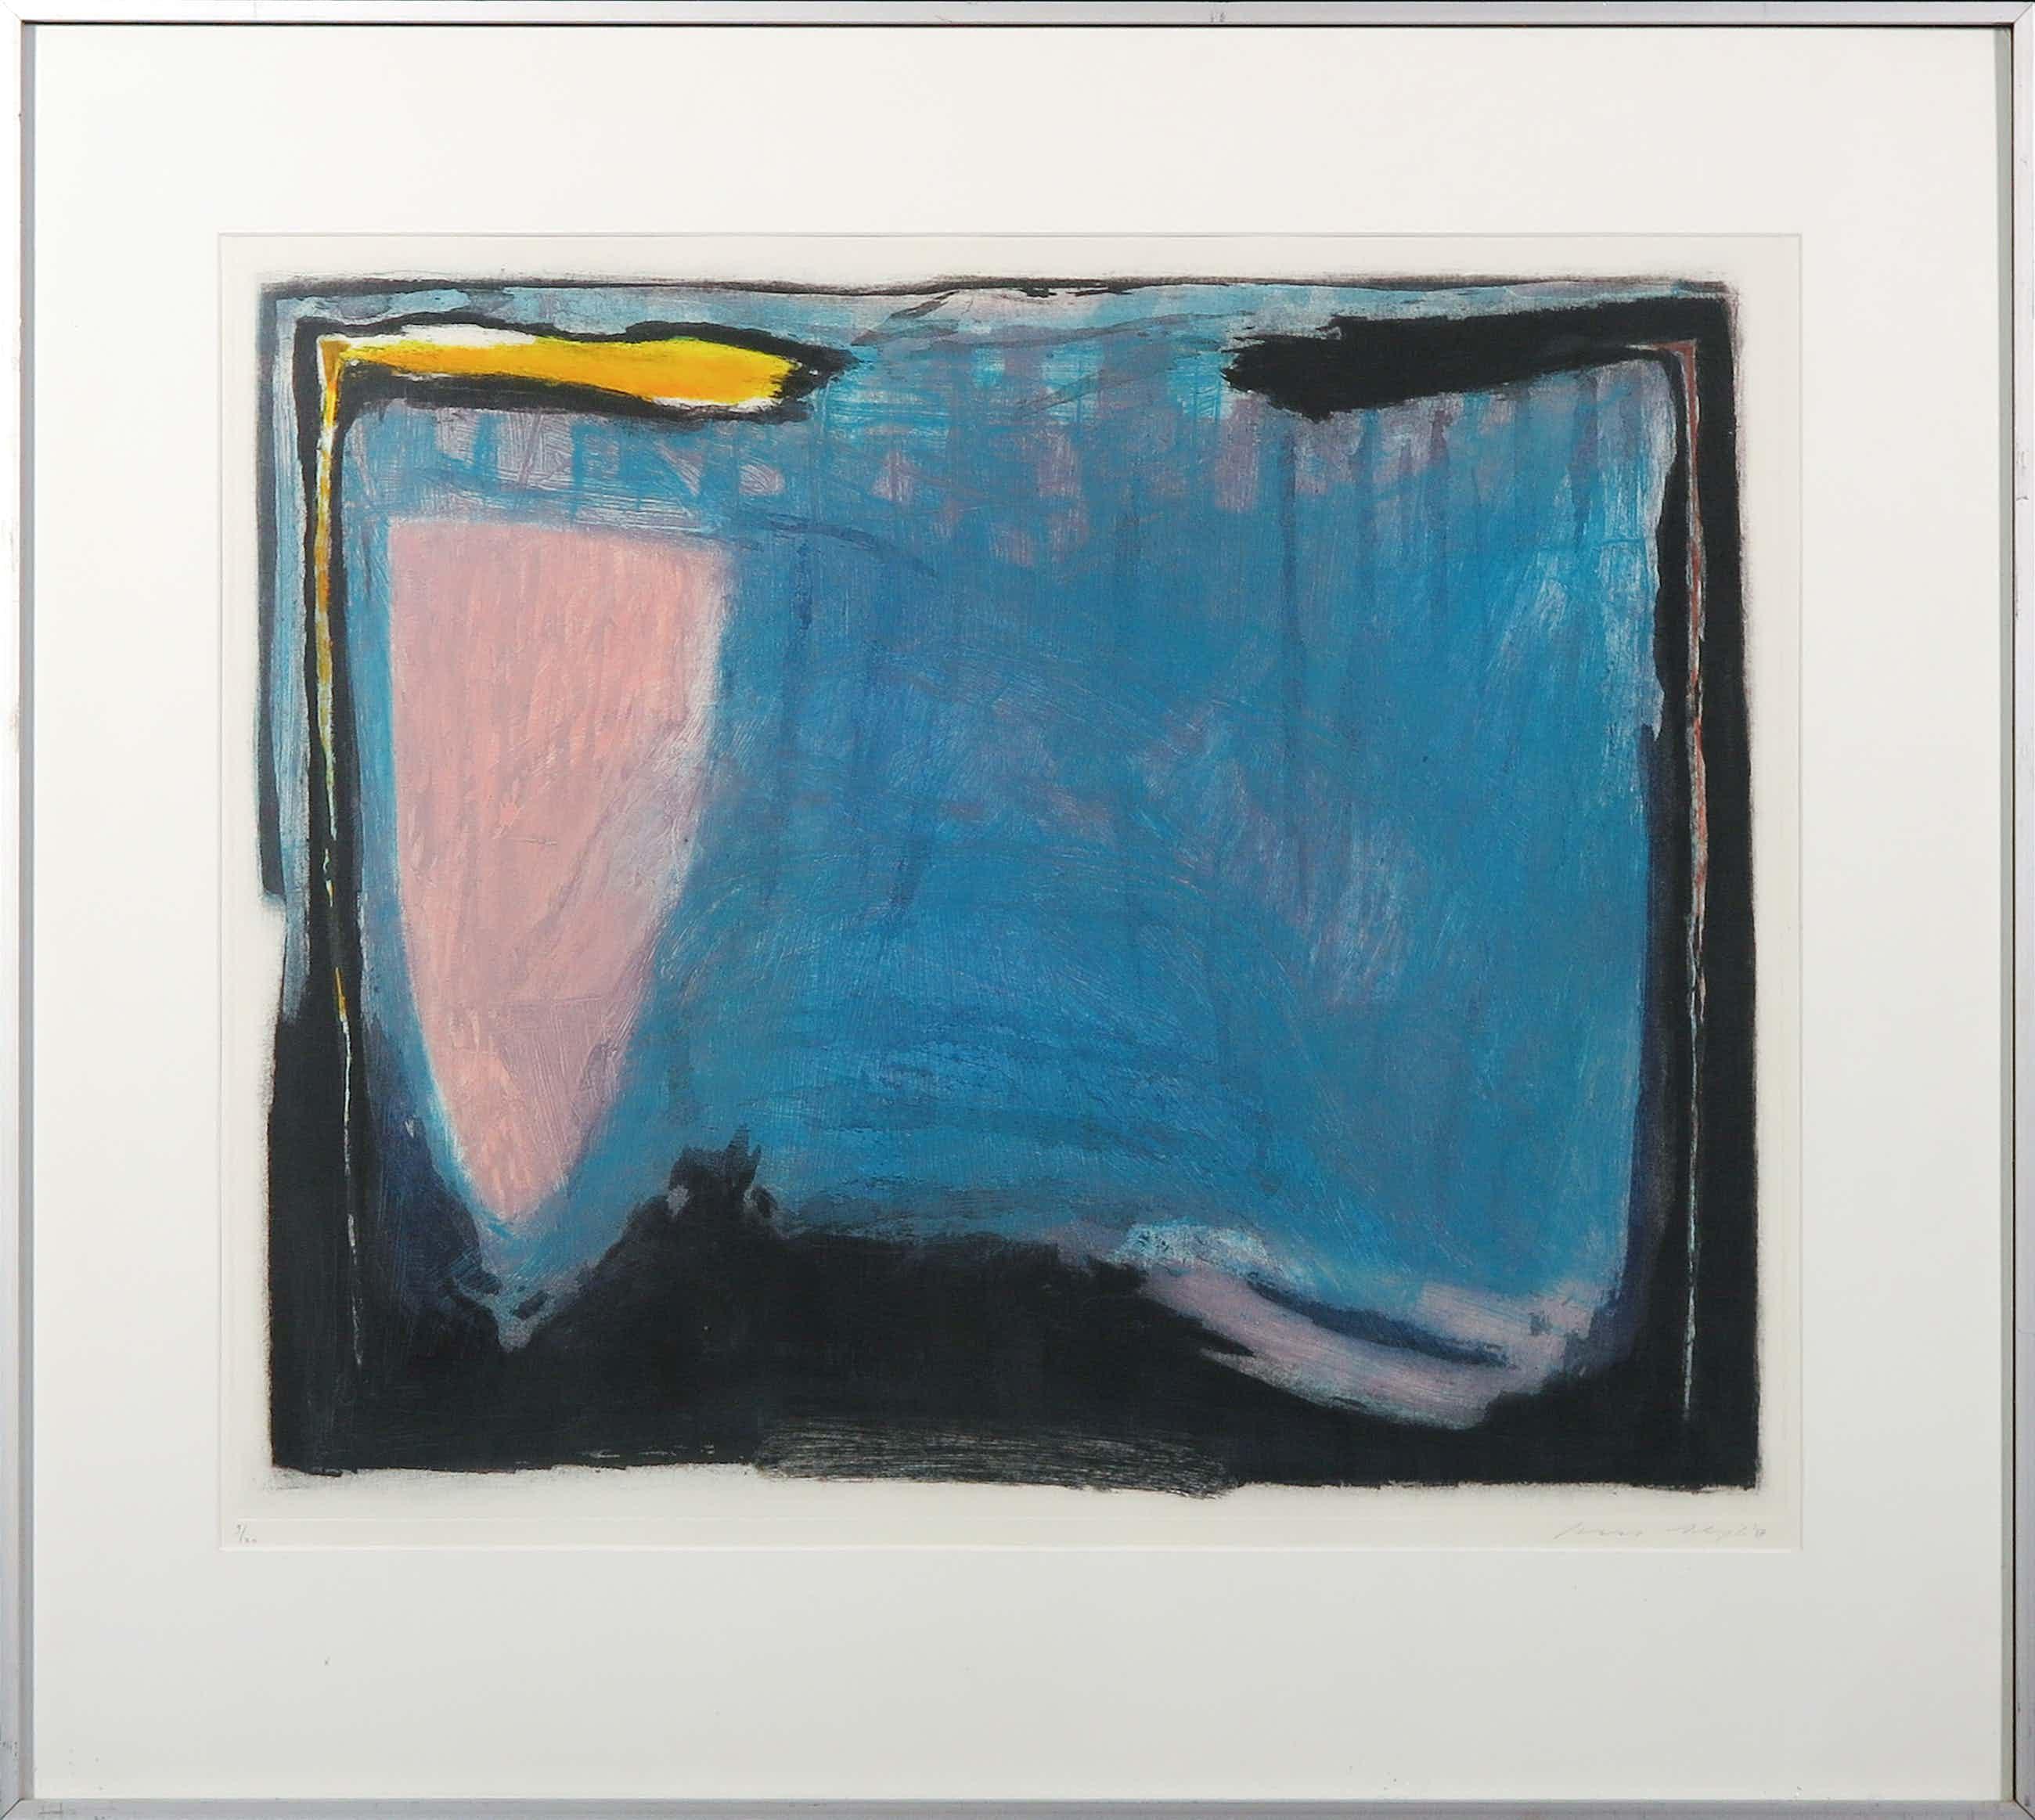 Kees Slegt - Ets en aquatint, Abstracte compositie - Ingelijst kopen? Bied vanaf 35!